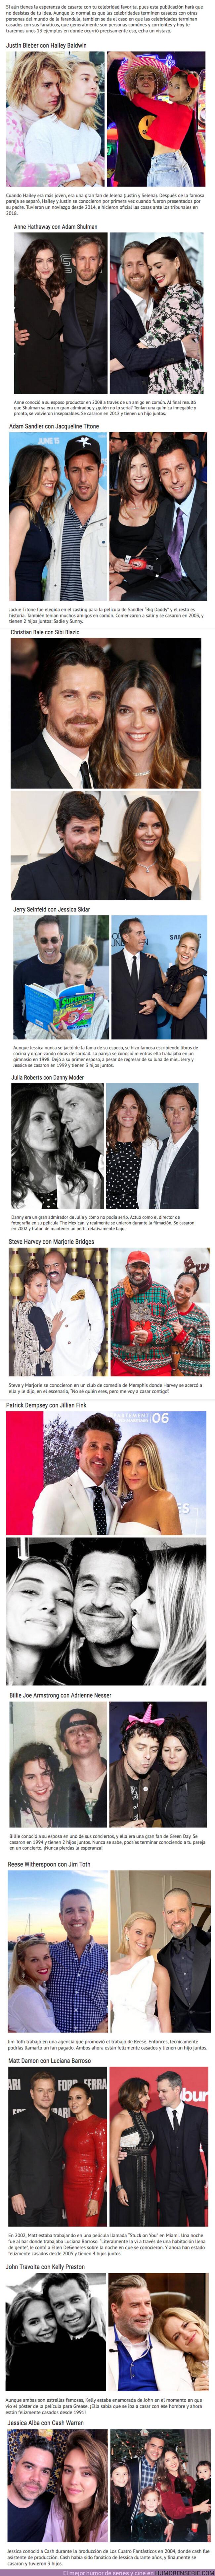 49579 - Aún tienes esperanza: Estos trece famosos se casaron con los fans que les daban la turra